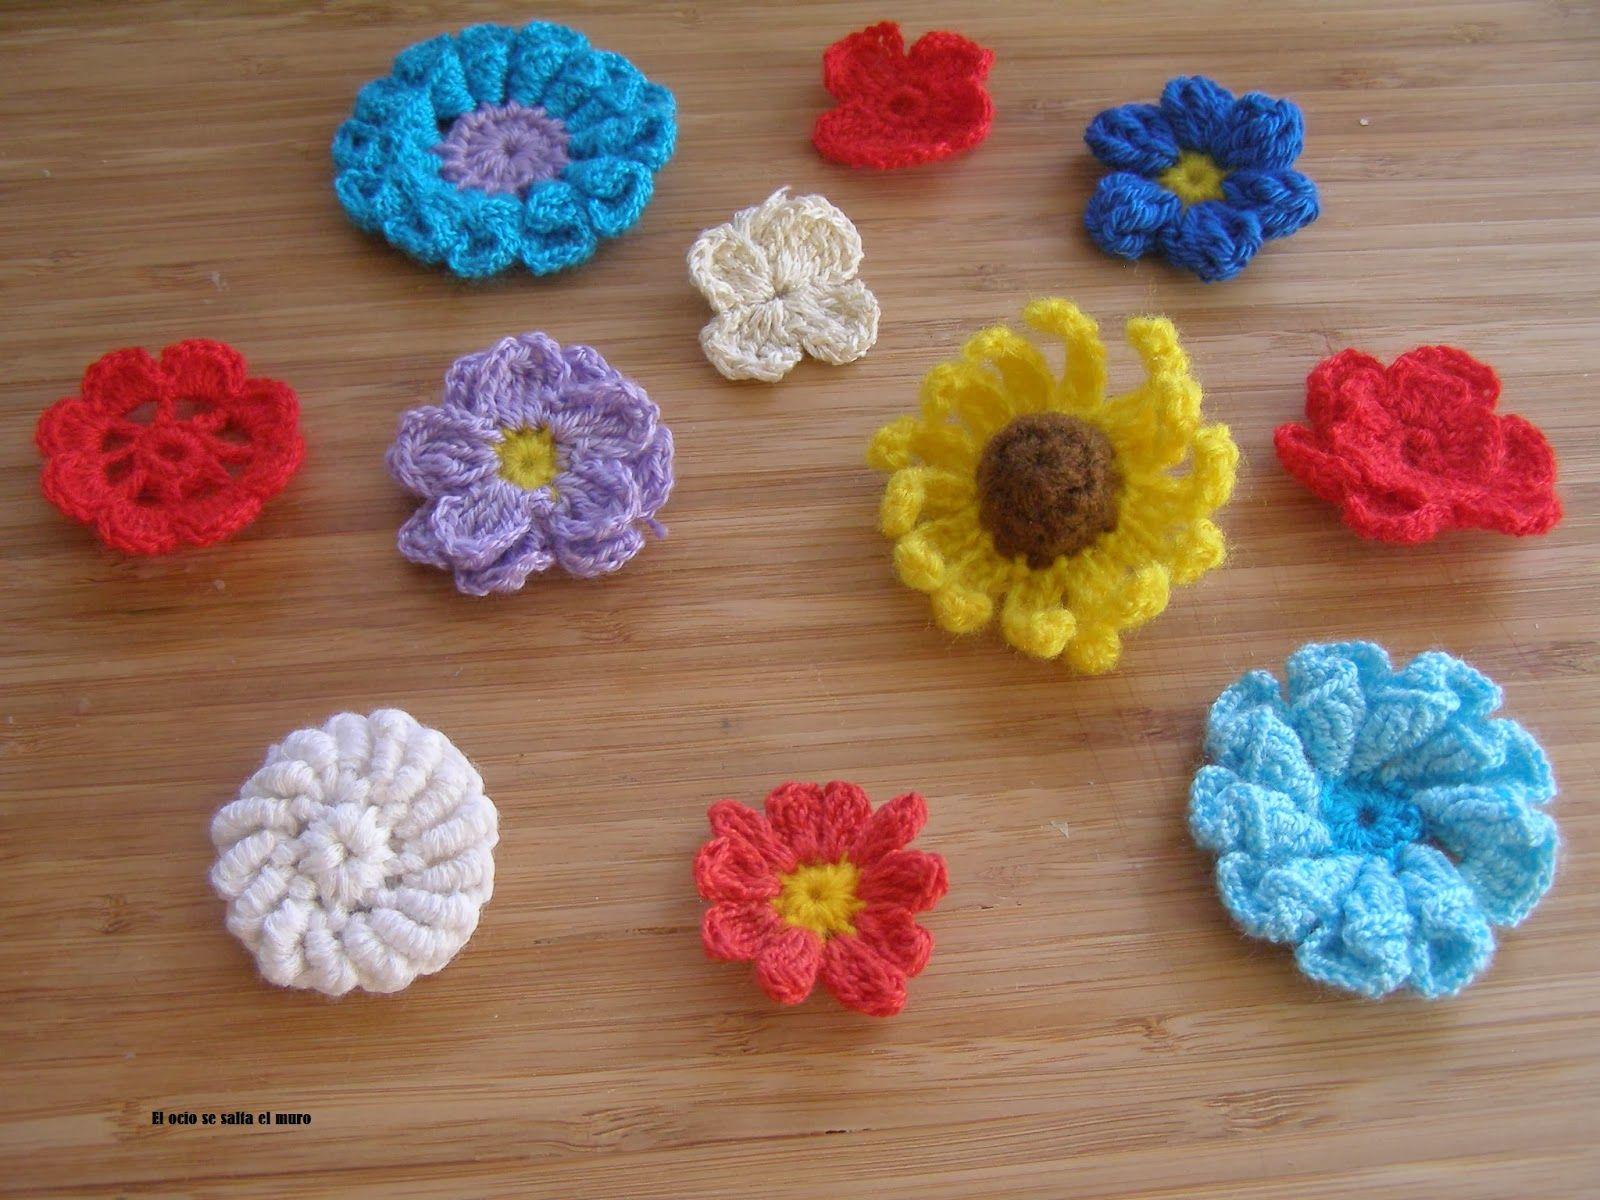 Nuevos Modelos De Flores En Crochet El Ocio Se Salta Muro Rose Crochetflowers Pretty Flower Diagram Jumpsleisurecrochet Flowersmodels